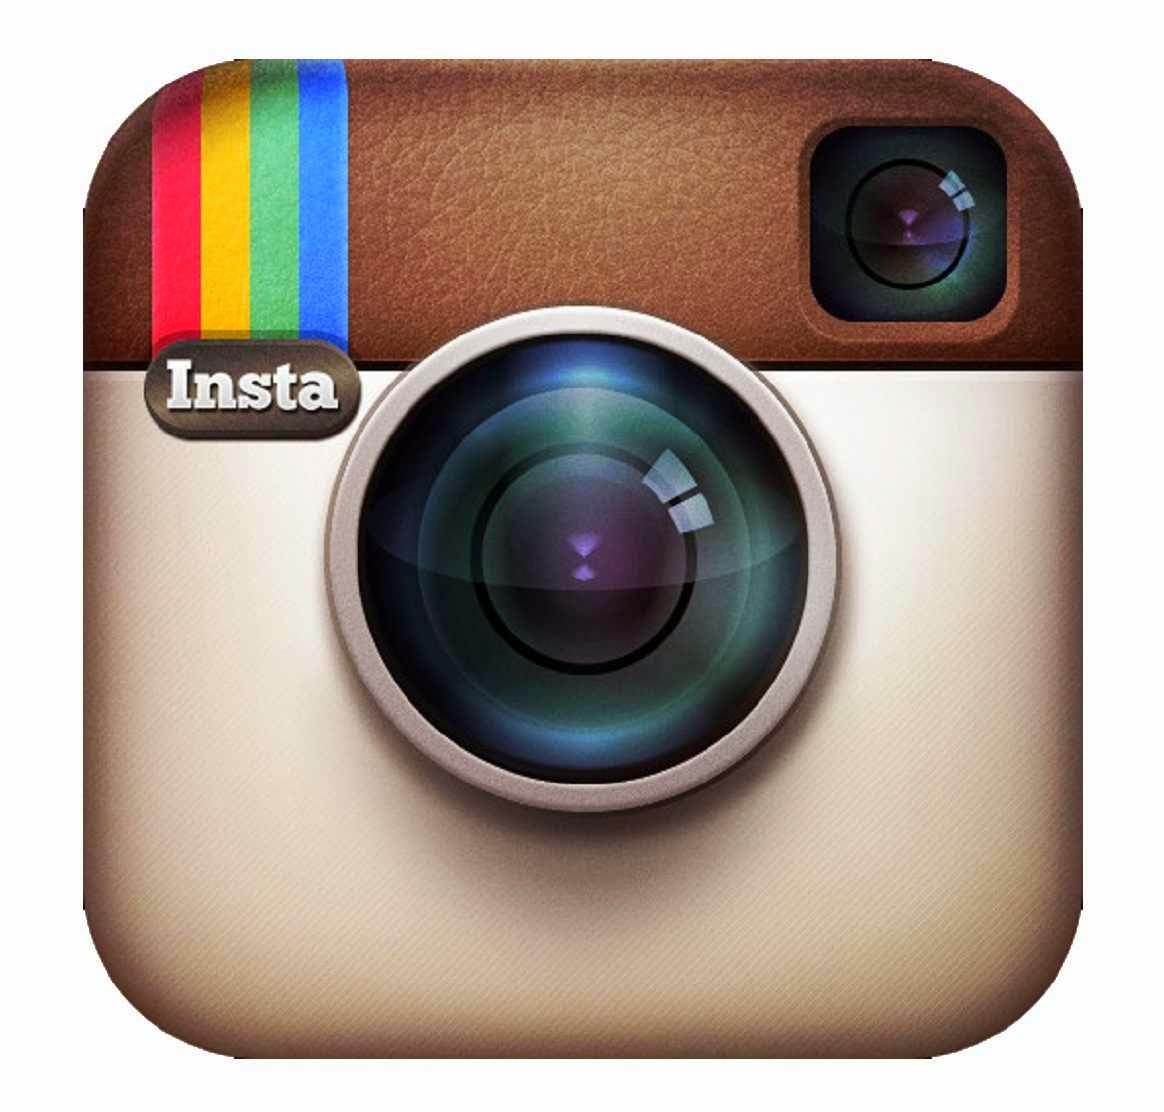 تحميل برنامج انستغرام Instagram لأجهزة الهواتف الذكية مجانا وبرابط مباشر